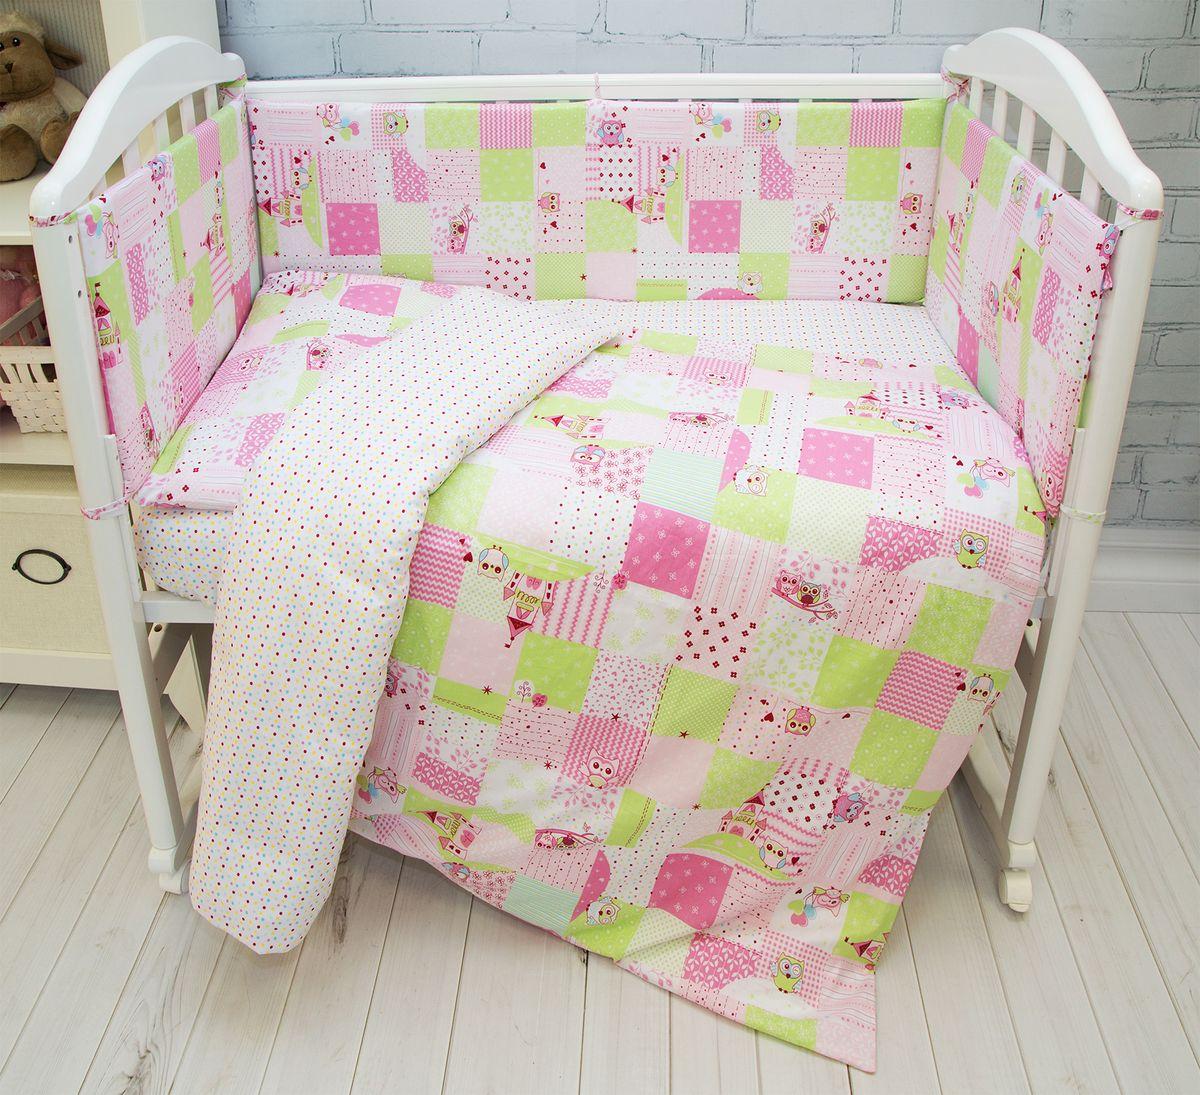 Споки Ноки Комплект в кроватку Совы 6 предметов цвет розовый531-105Комплект в кроватку Споки Ноки Совы для самых маленьких должен быть изготовлен только из самой качественной ткани, самой безопасной и гигиеничной, самой экологичнойи гипоаллергенной. Отлично подходит для кроваток малышей, которые часто двигаются во сне. Хлопковое волокно прекрасно переносит стирку, быстро сохнет и не требует особого ухода, не линяет и не вытягивается. Ткань прошла специальную обработку по умягчению, что сделало её невероятно мягкой и приятной к телу. Состав комплекта: простынь 112х147, пододеяльник 112х147, наволочка 40х60, борт (120х35 - 2 шт, 60х35 - 2 шт) , одеяло с наполнителем файбер 110х140, подушка 40х60